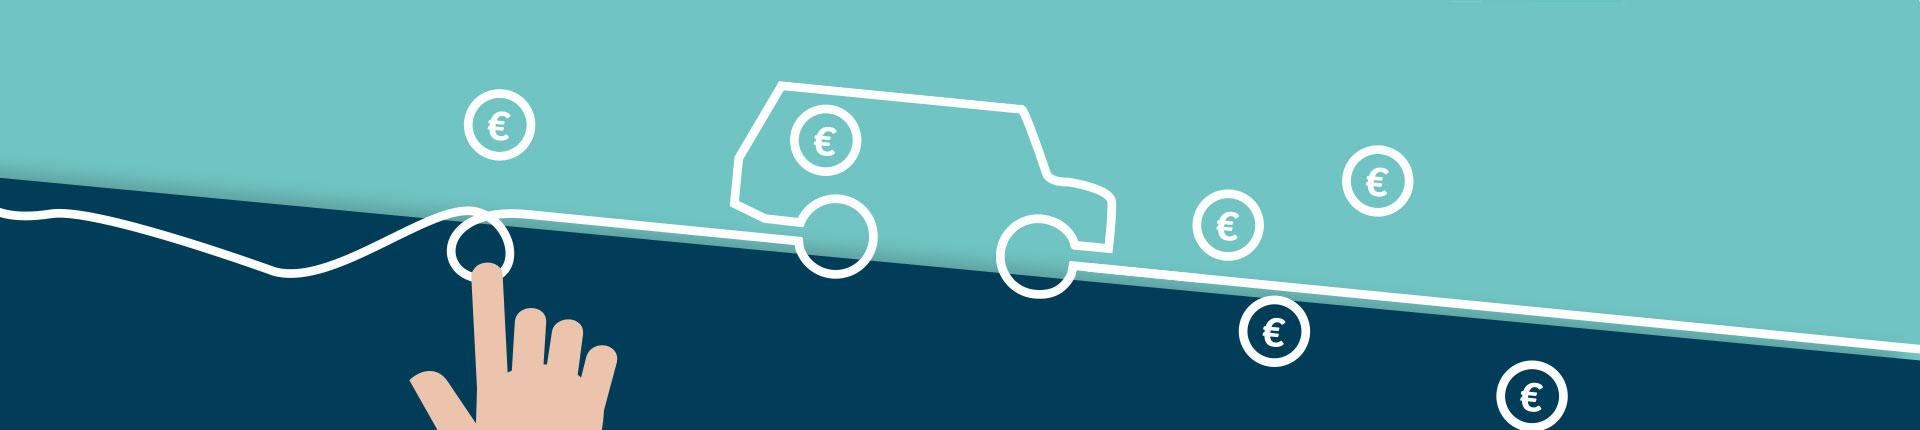 Autohaus-Max-Schultz-Mercedes-Neuwagen-Finanzdienste-finanzieren-Autokredit